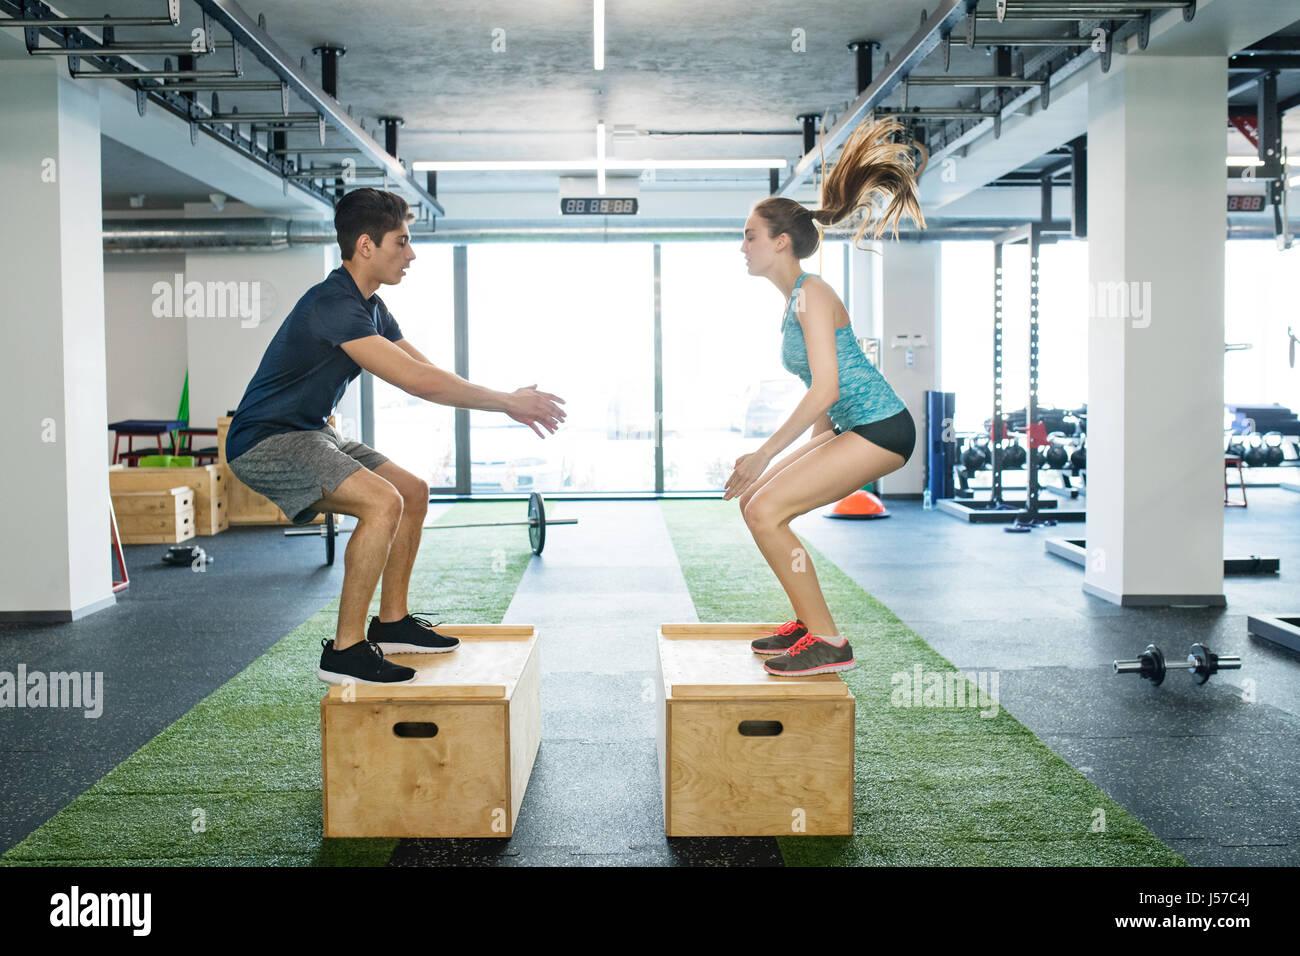 Coppia giovane e in forma esercizio in palestra, casella facendo salti. Immagini Stock